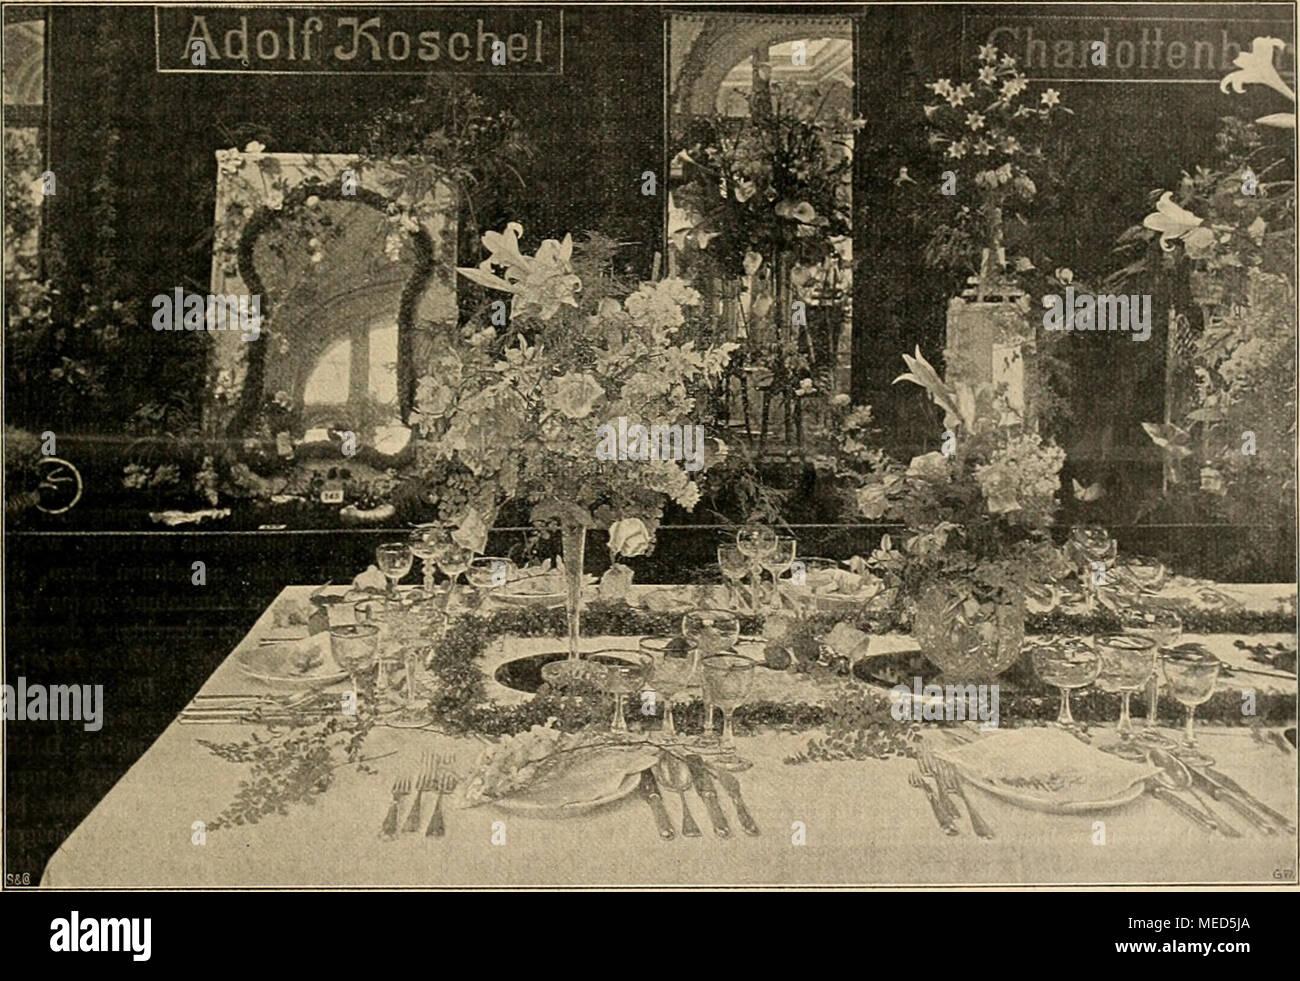 Charmant Die Gartenwelt . Tafeldekoration Und Bindereien Von Adolf Koschel,  Charlottenburg. Originalaufnahme Für Die .